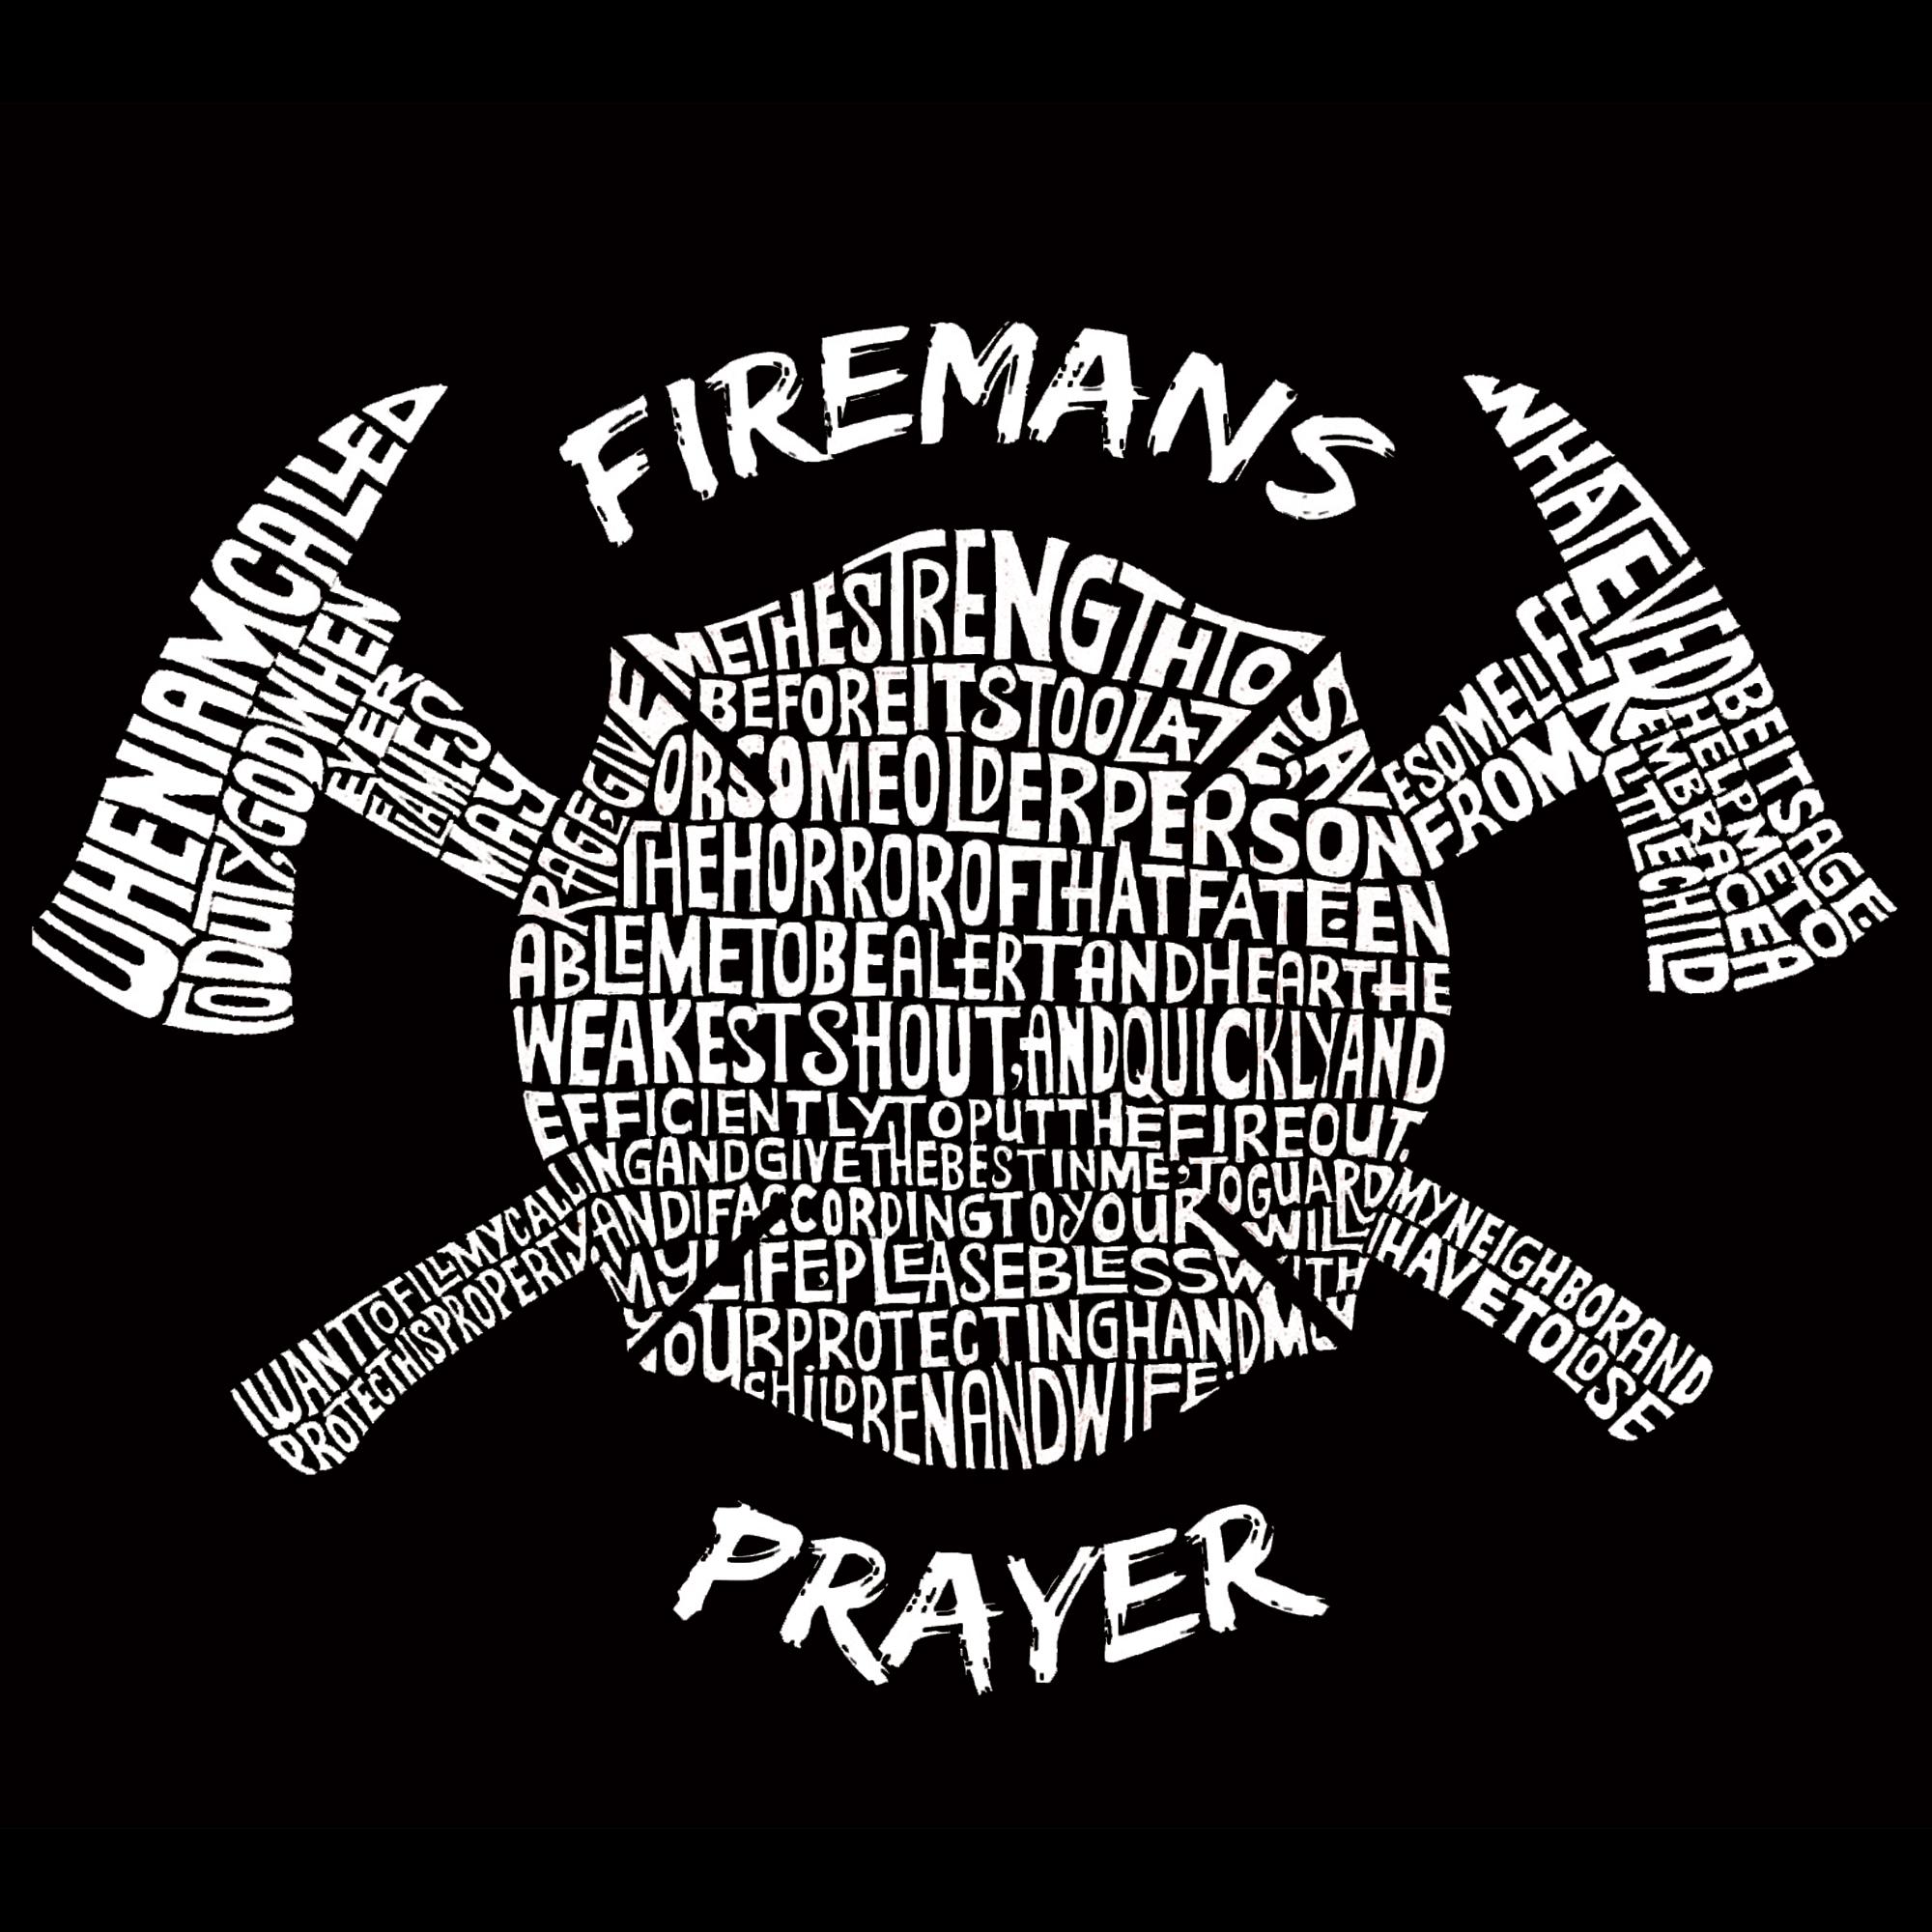 Los Angeles Pop Art Women's Word Art T-shirt - Fireman's Prayer - Online Exclusive PartNumber: 3ZZVA76564612P MfgPartNumber: YFire